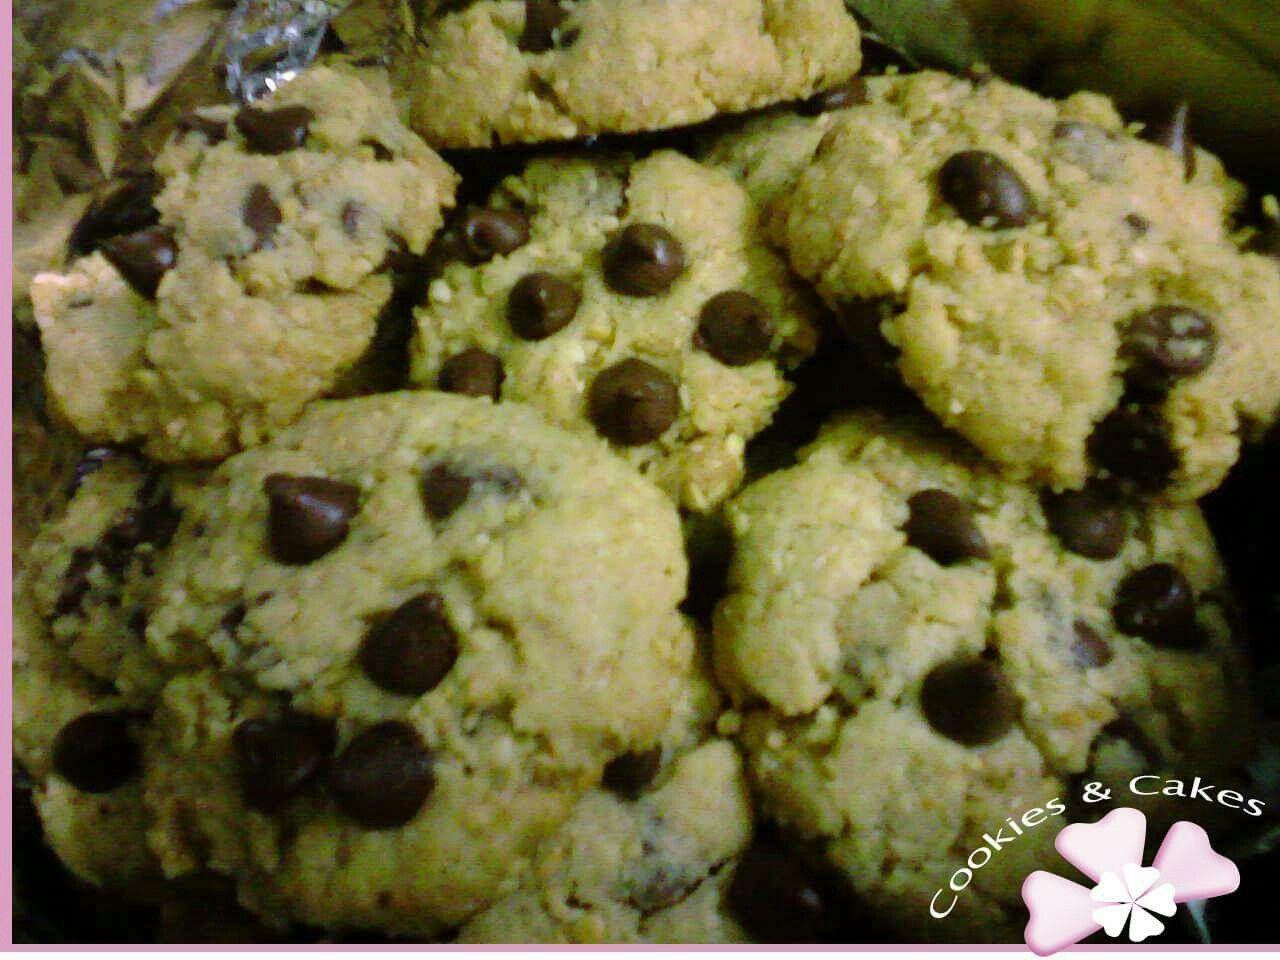 كوكيز هيرشي شوكليت شيبس وسوداني سعر الكيلو 110 Le Desserts Food Cookies